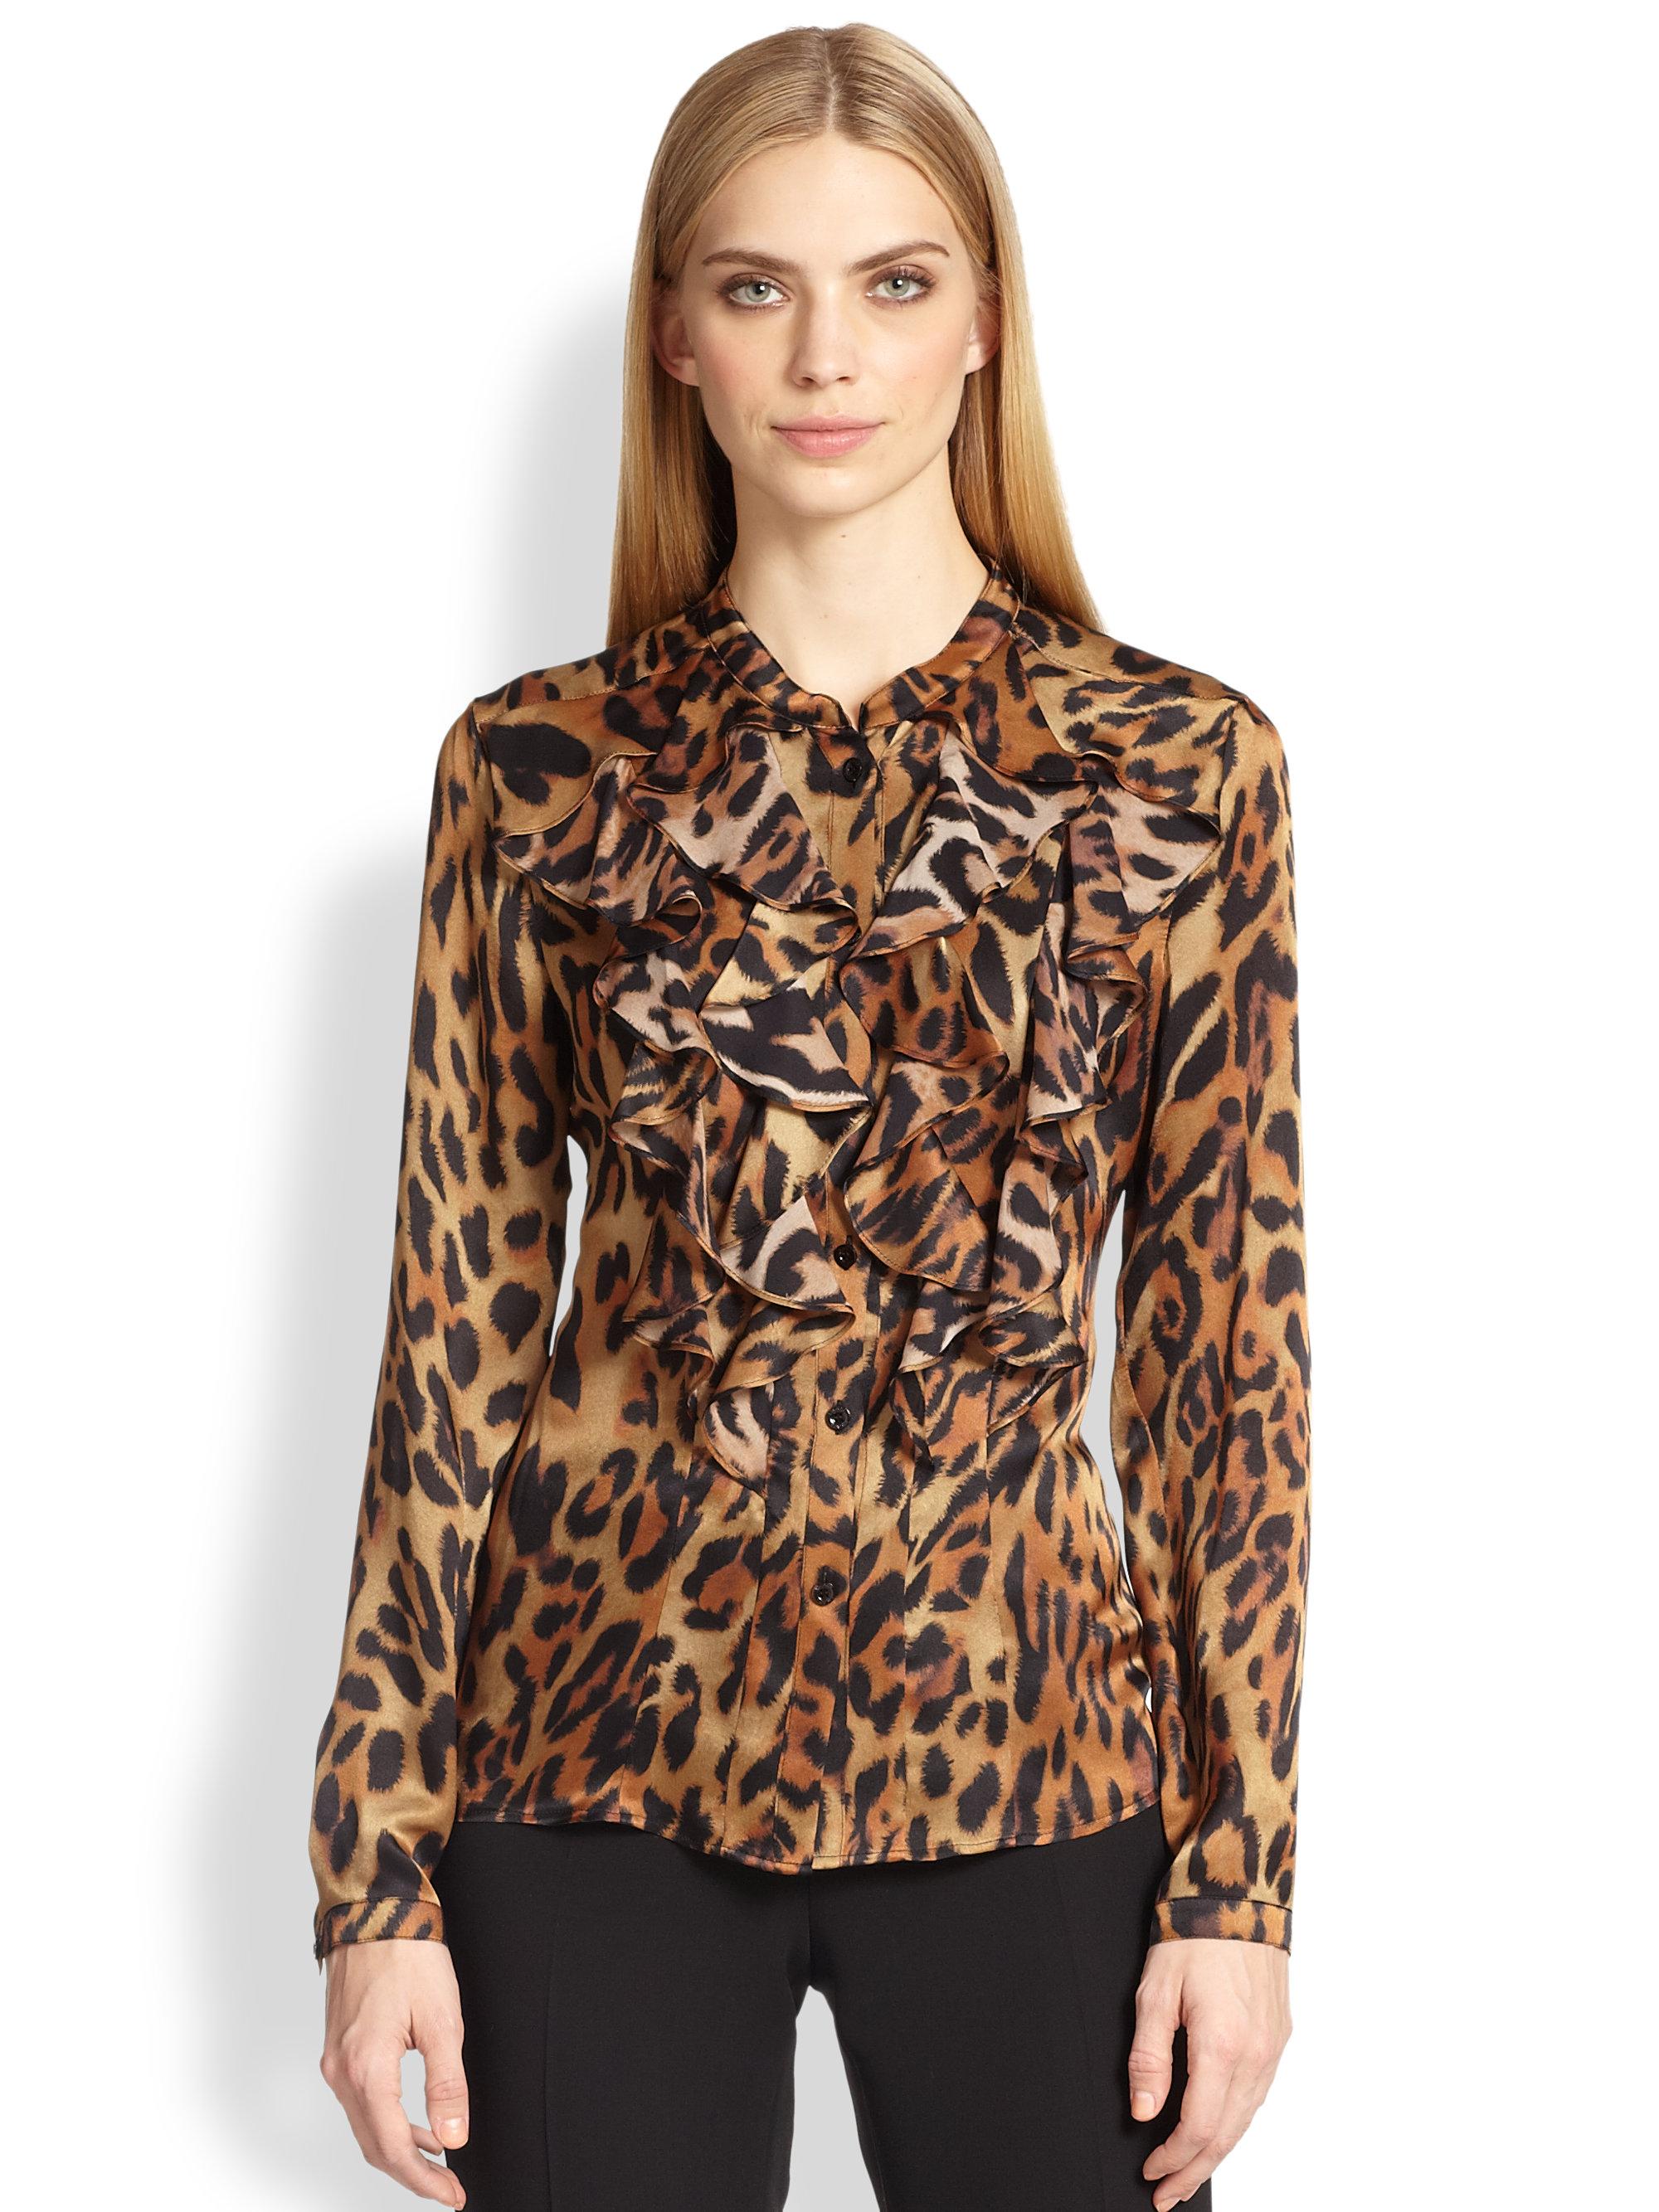 Ruffle Leopard Blouse 60